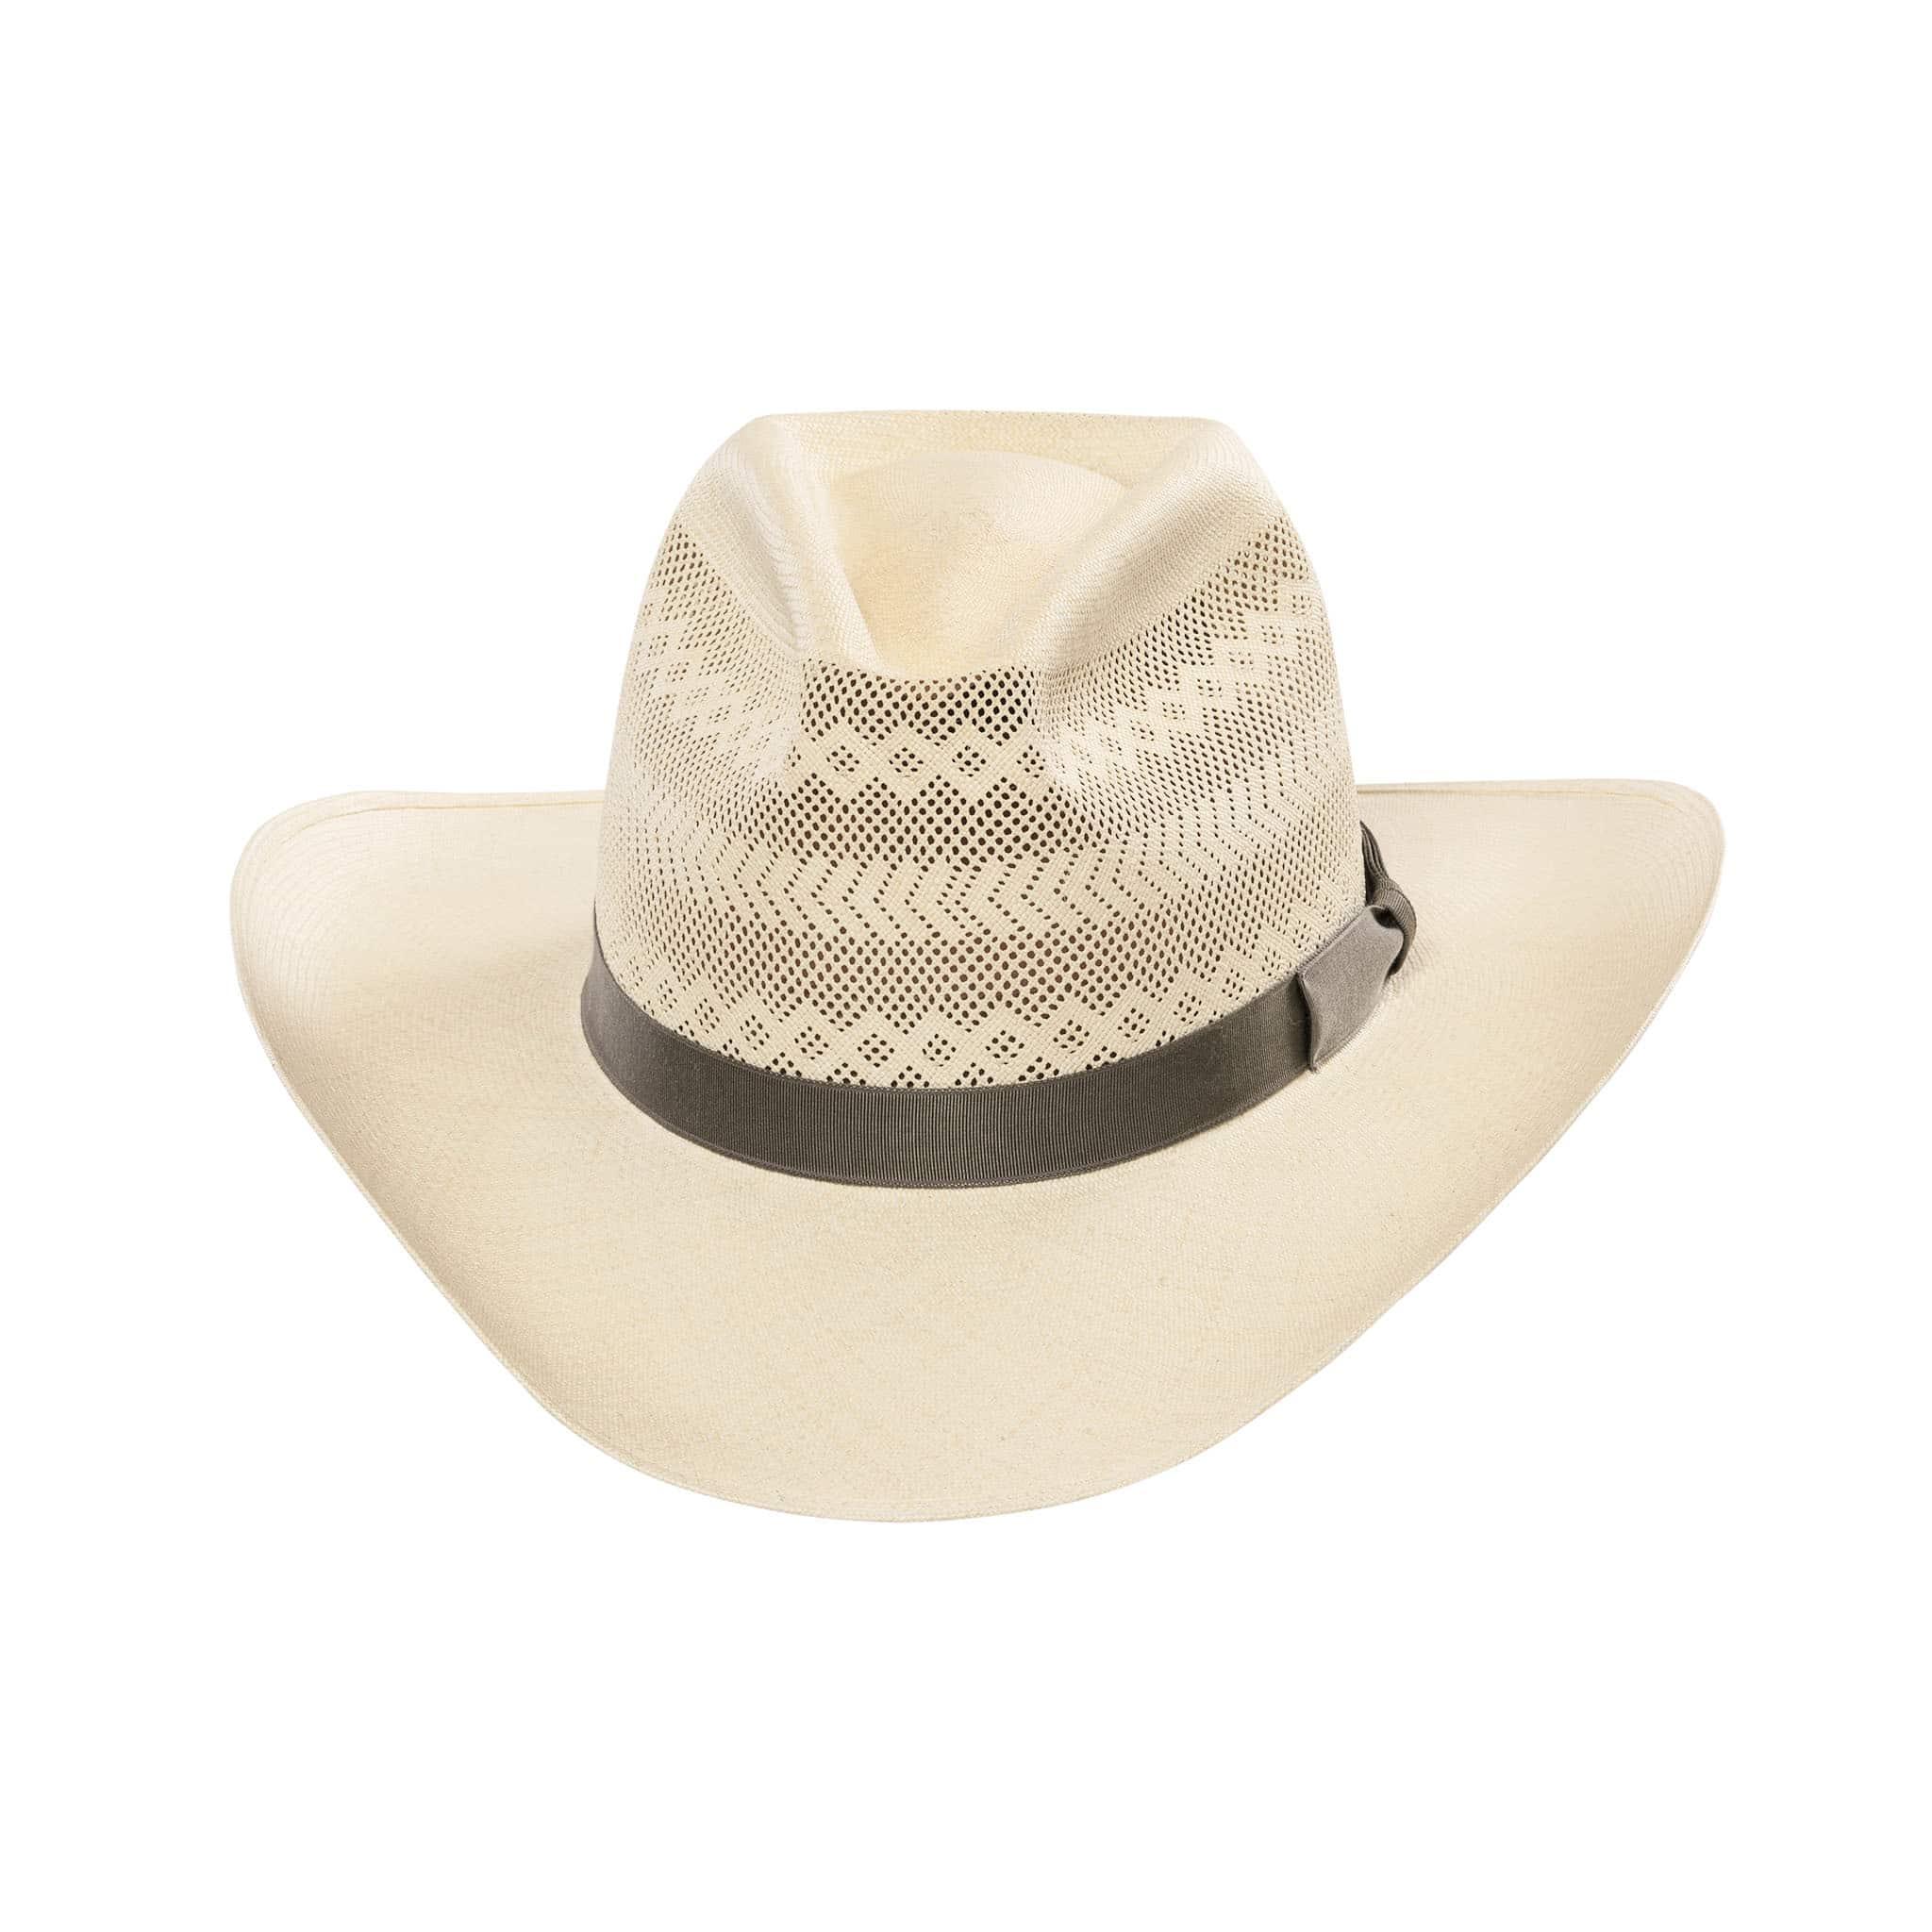 Low RCA Semi-Calado Panama Hat with ribbon band.